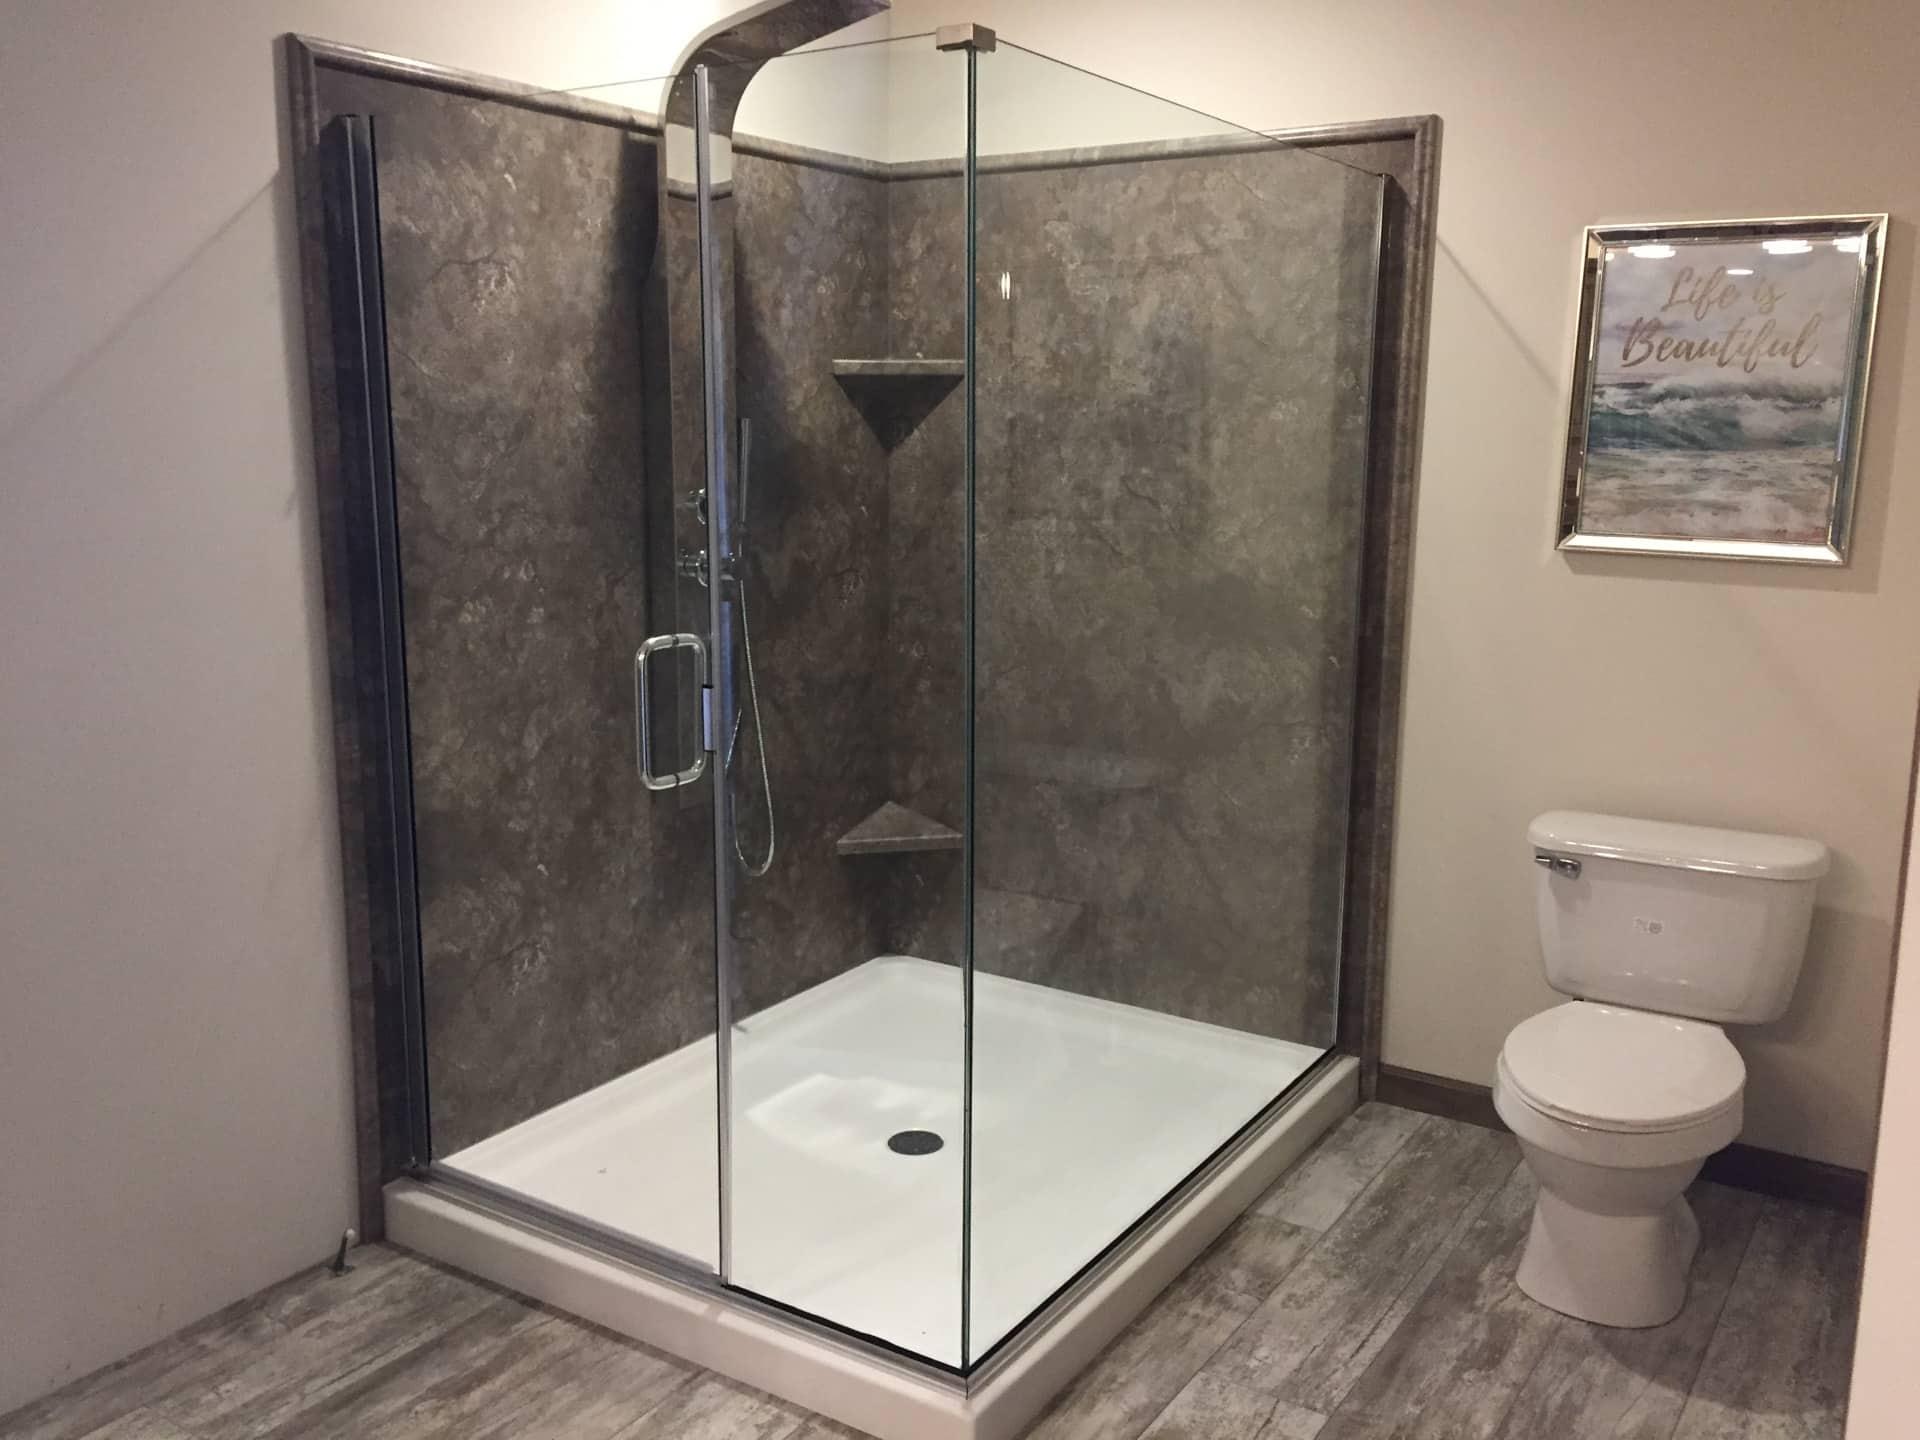 Barton glass shower